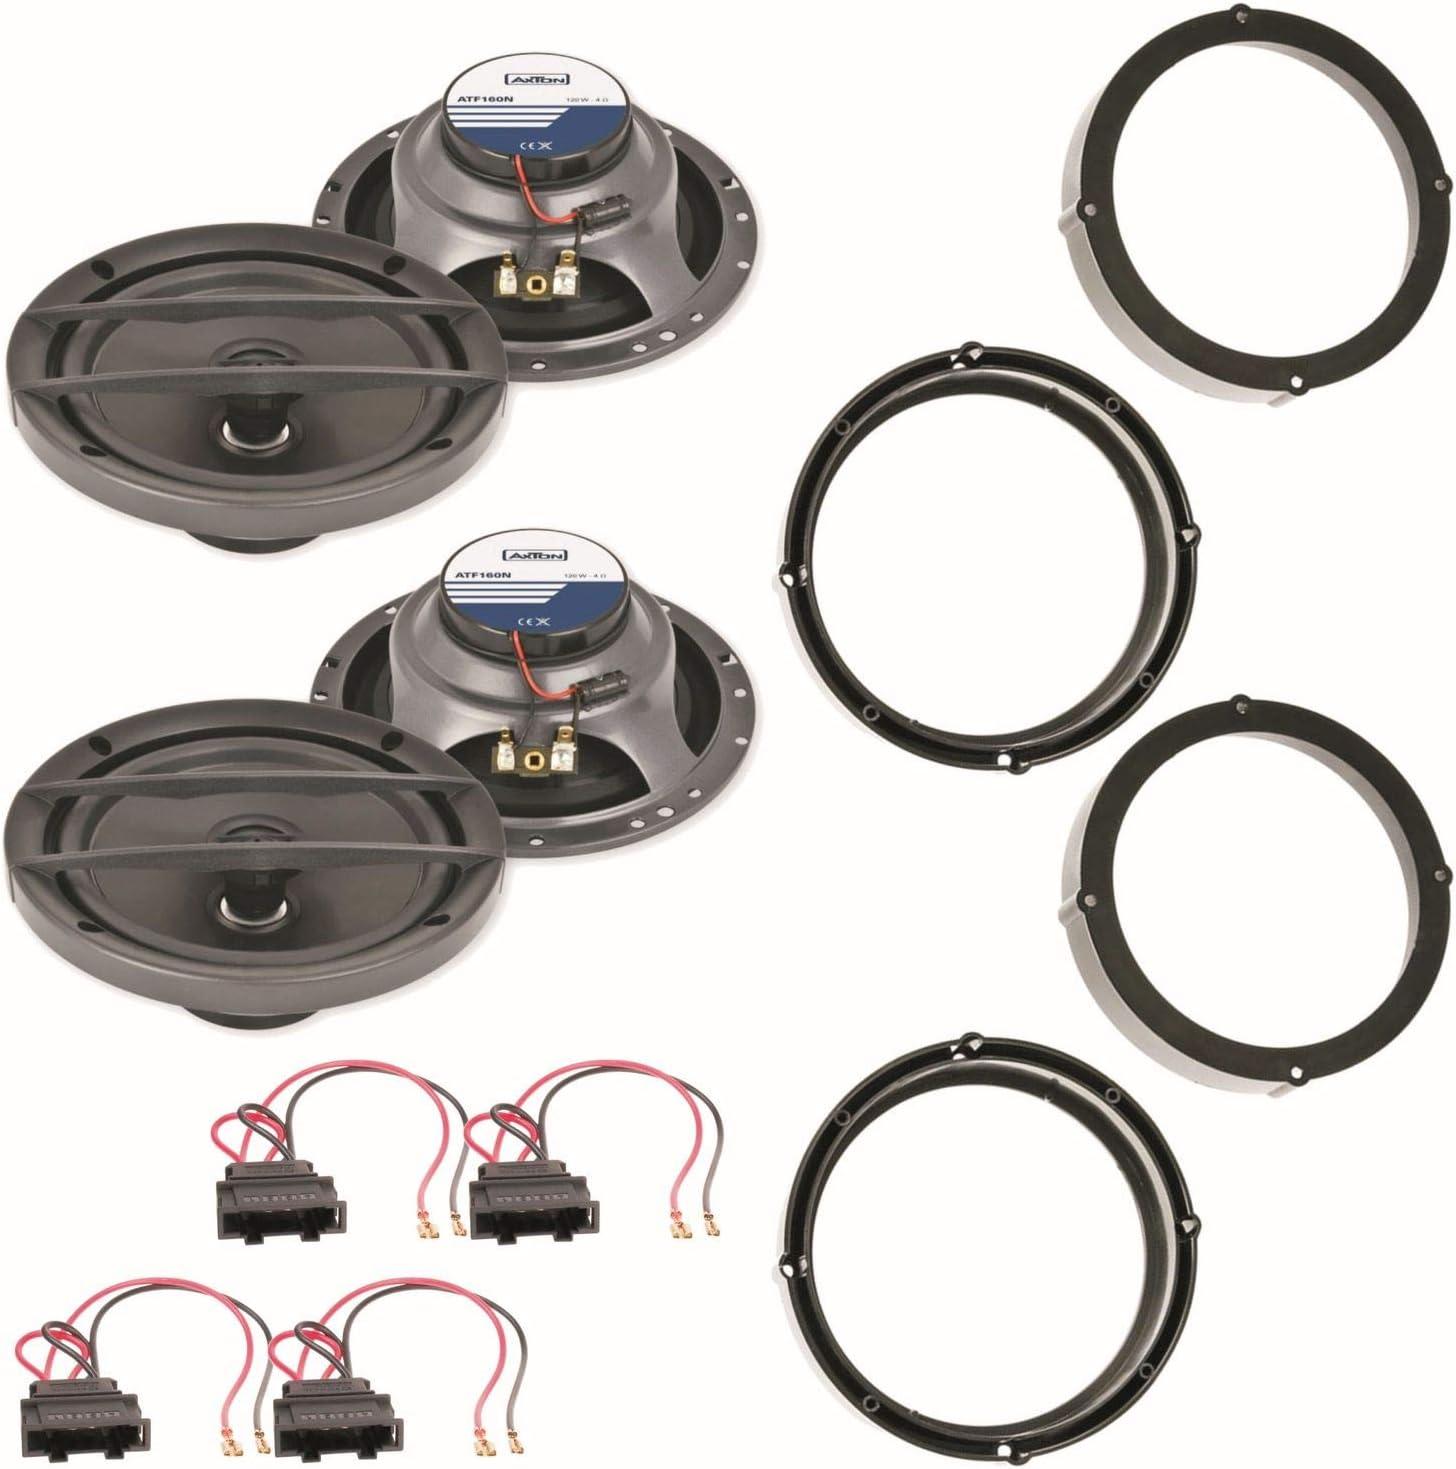 Axton Atf160n 16 5 Cm Lautsprecher Vorne Und Hinten Elektronik